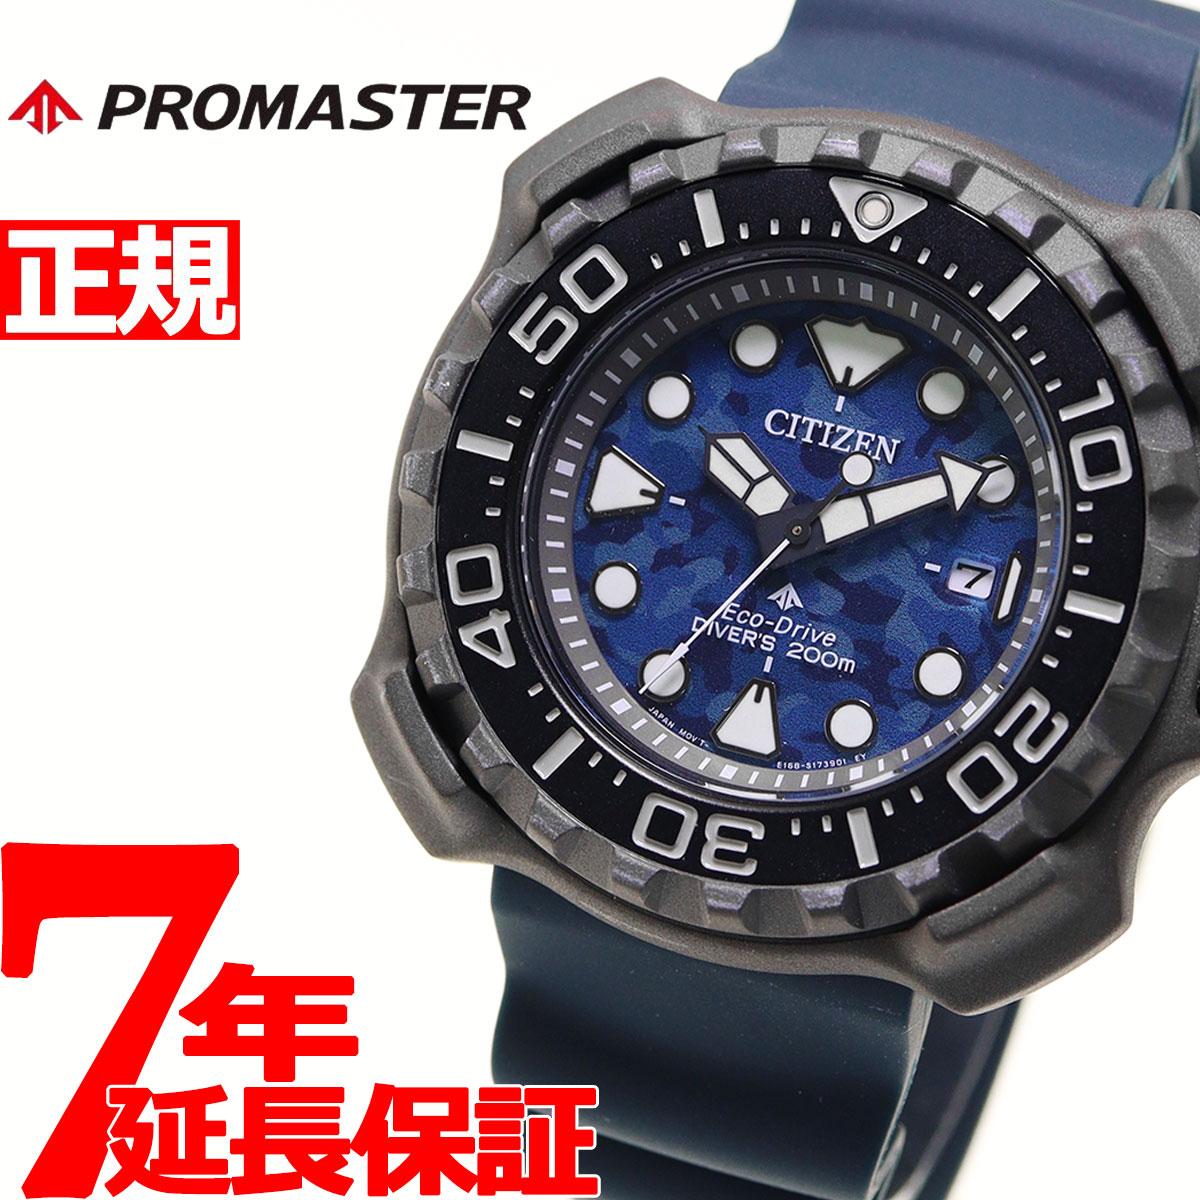 シチズン プロマスター エコドライブ ダイバー 腕時計 メンズ CITIZEN PROMASTER マリン ソーラー BN0227-09L チタン ブルー